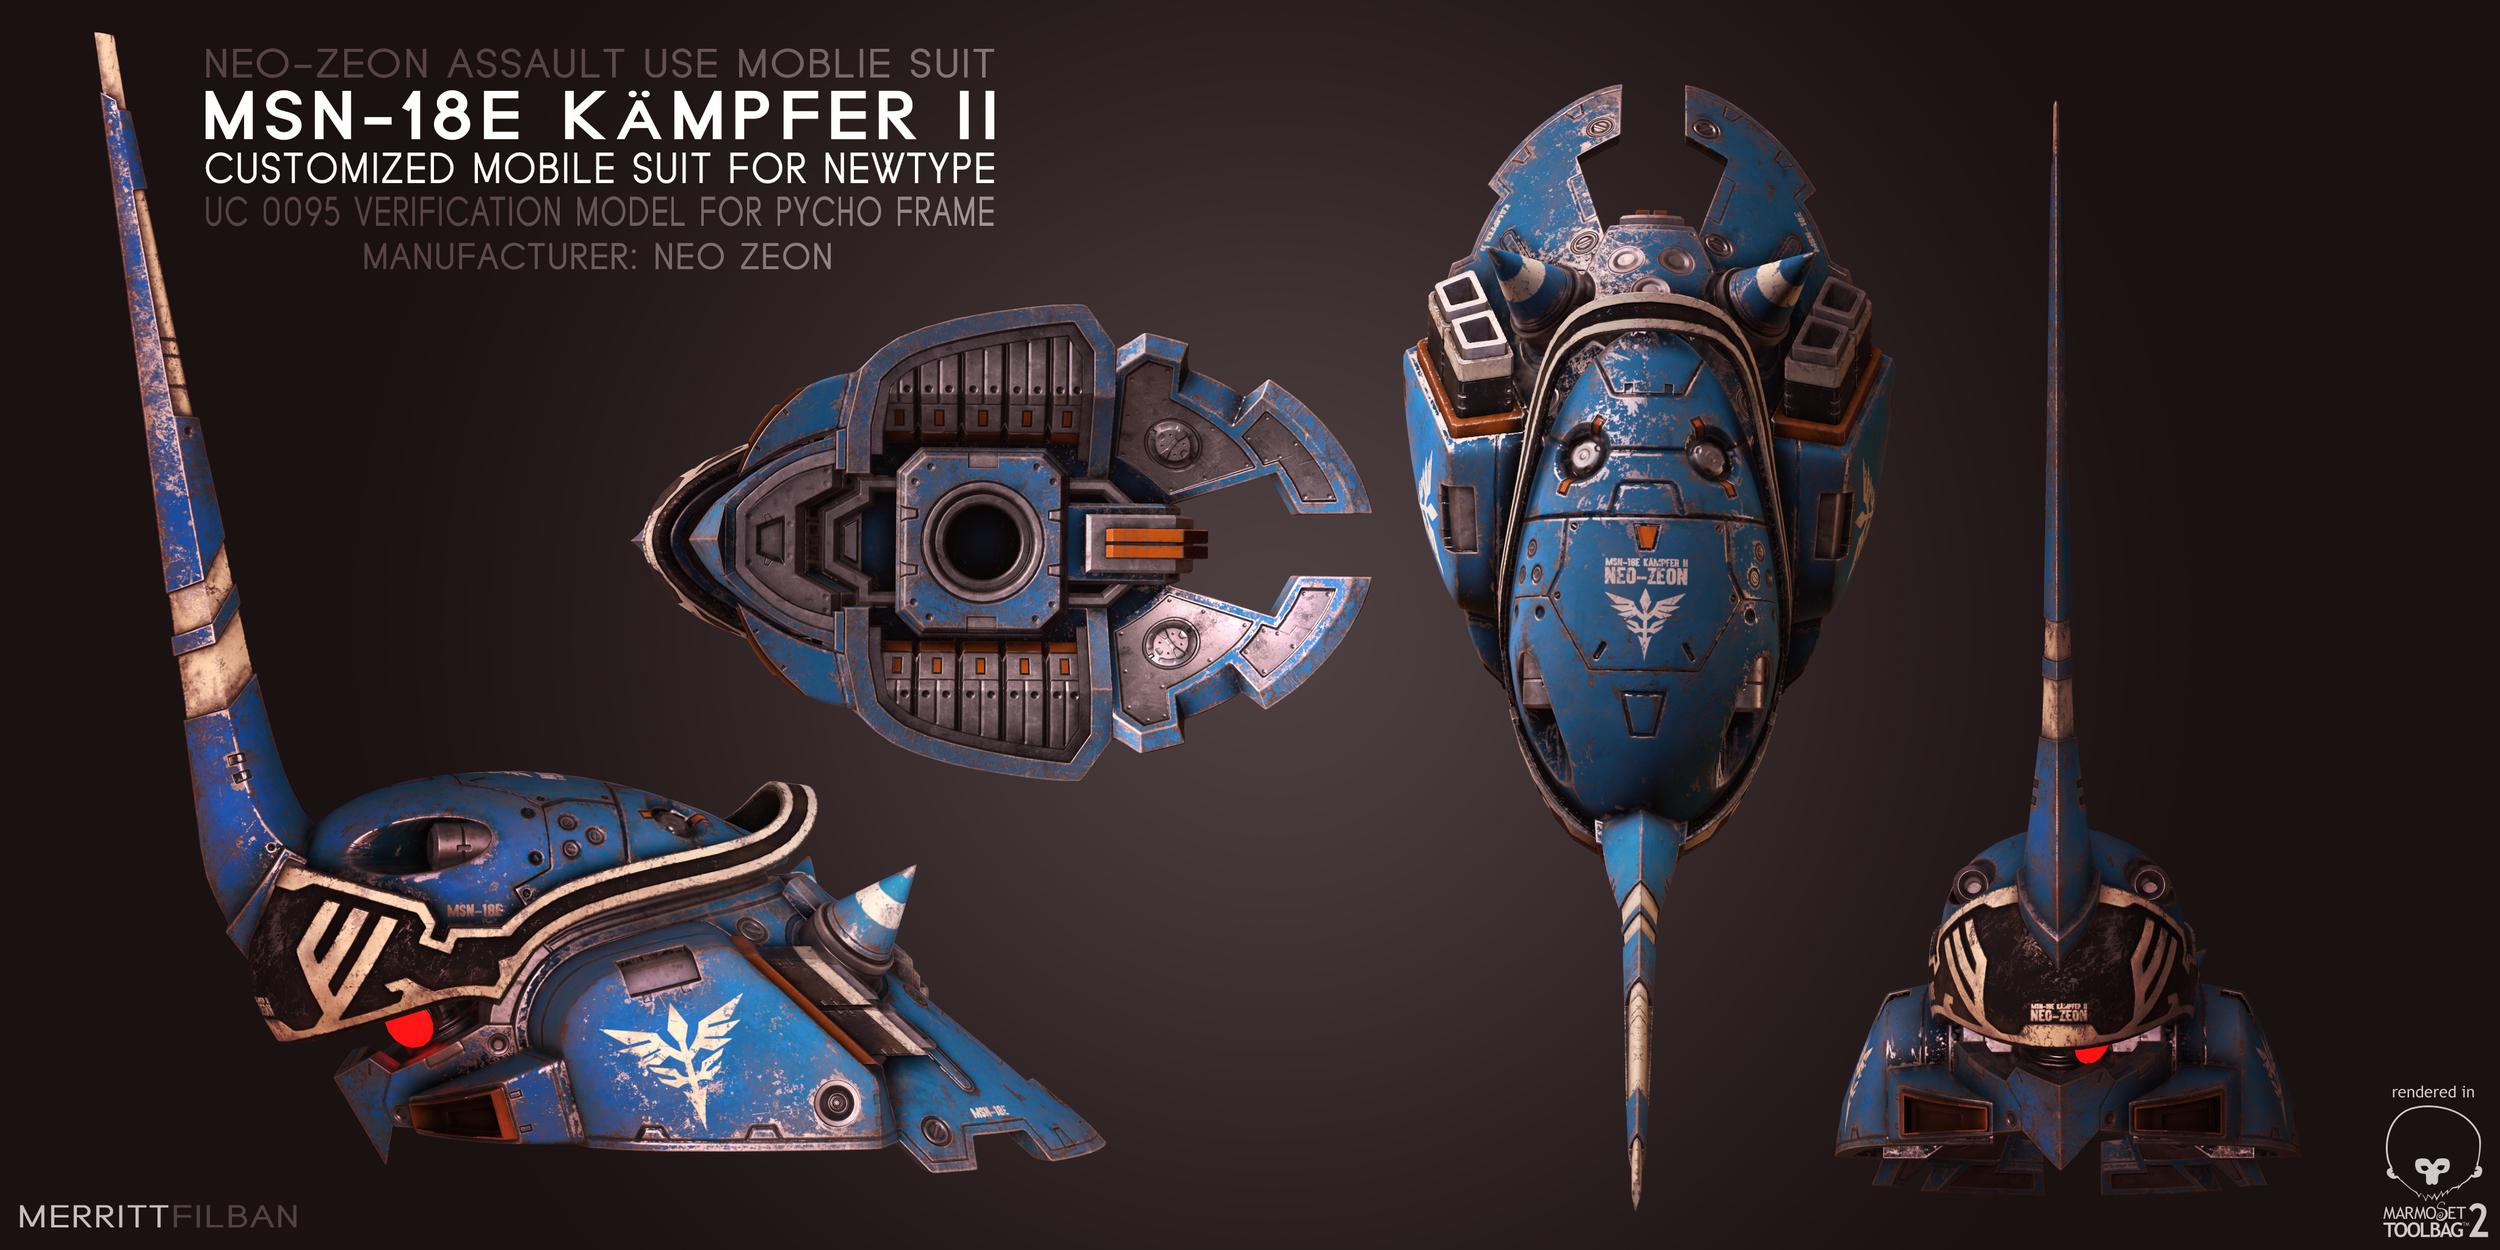 MSN-18E_KAMPFER_II_Wide_01